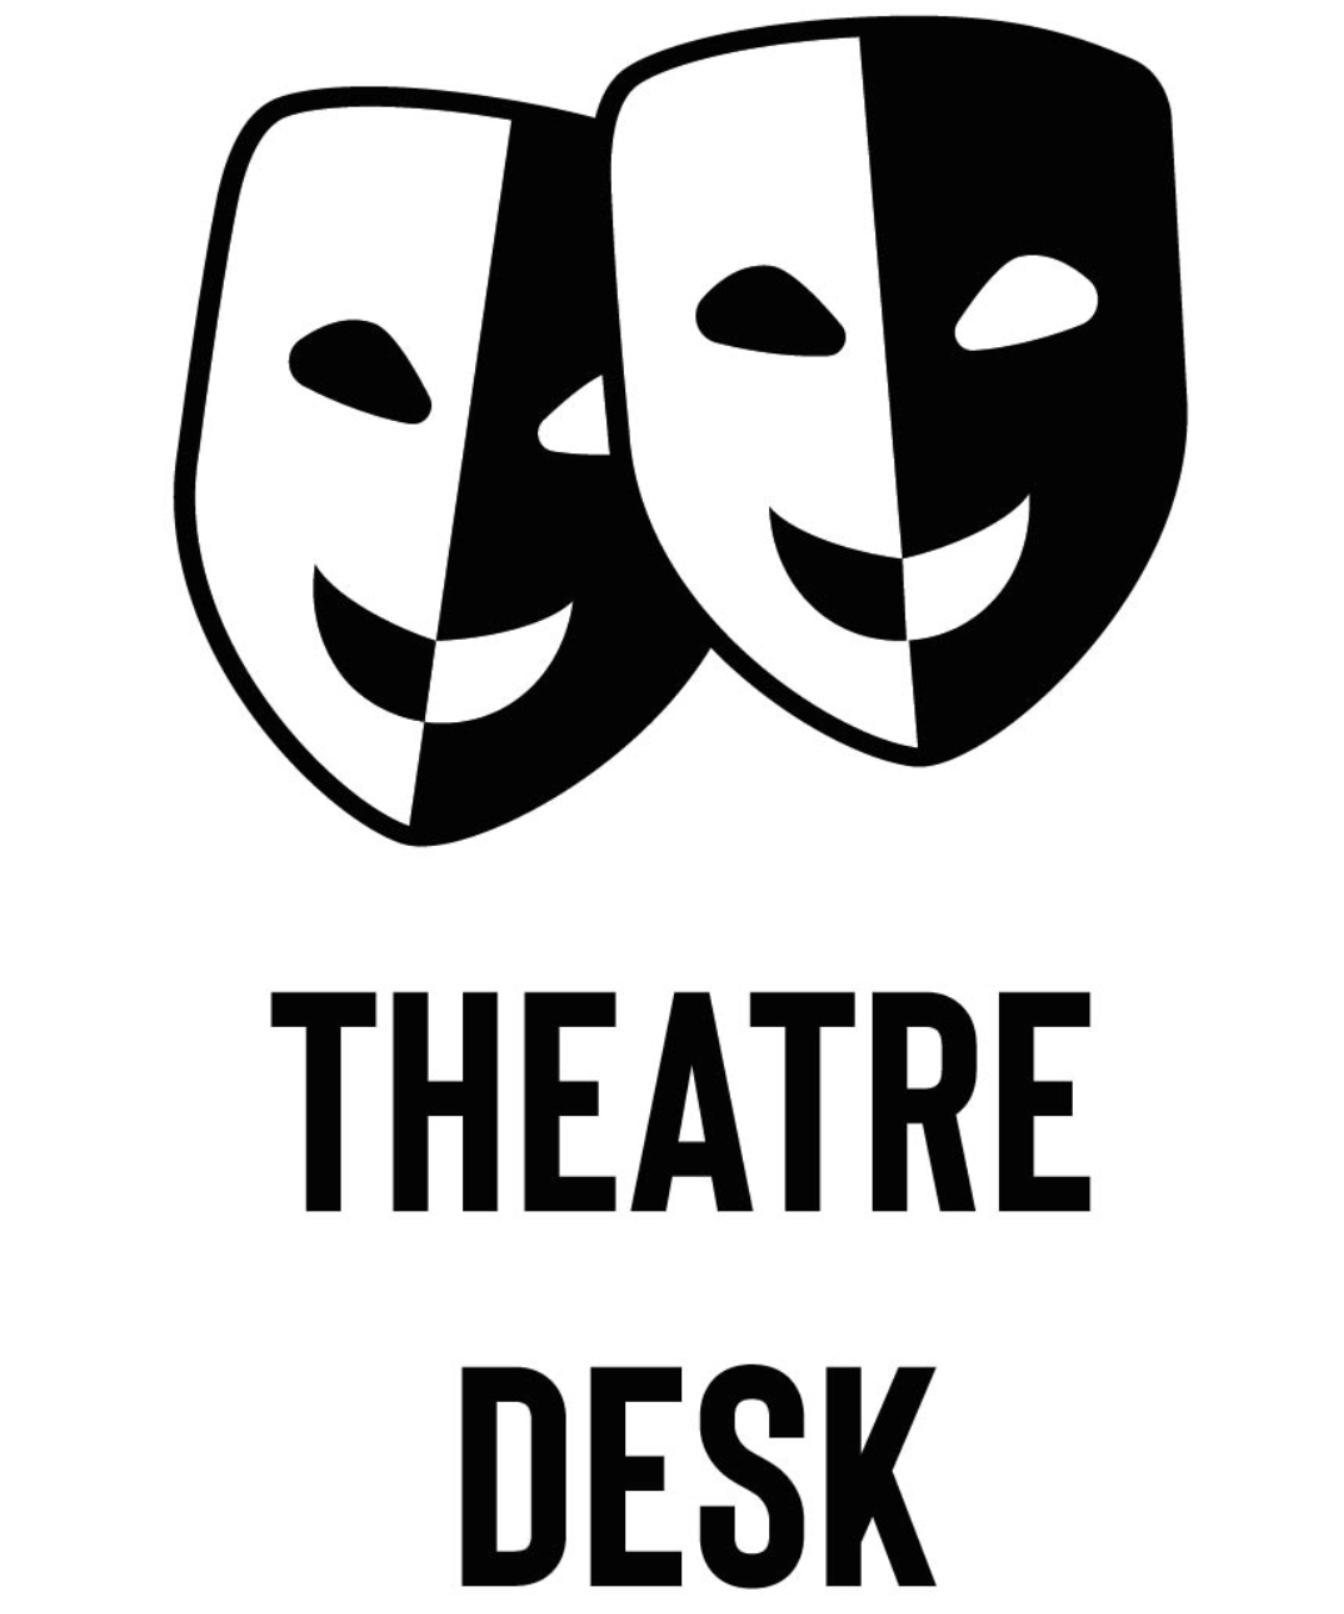 Theatre DeskTickets